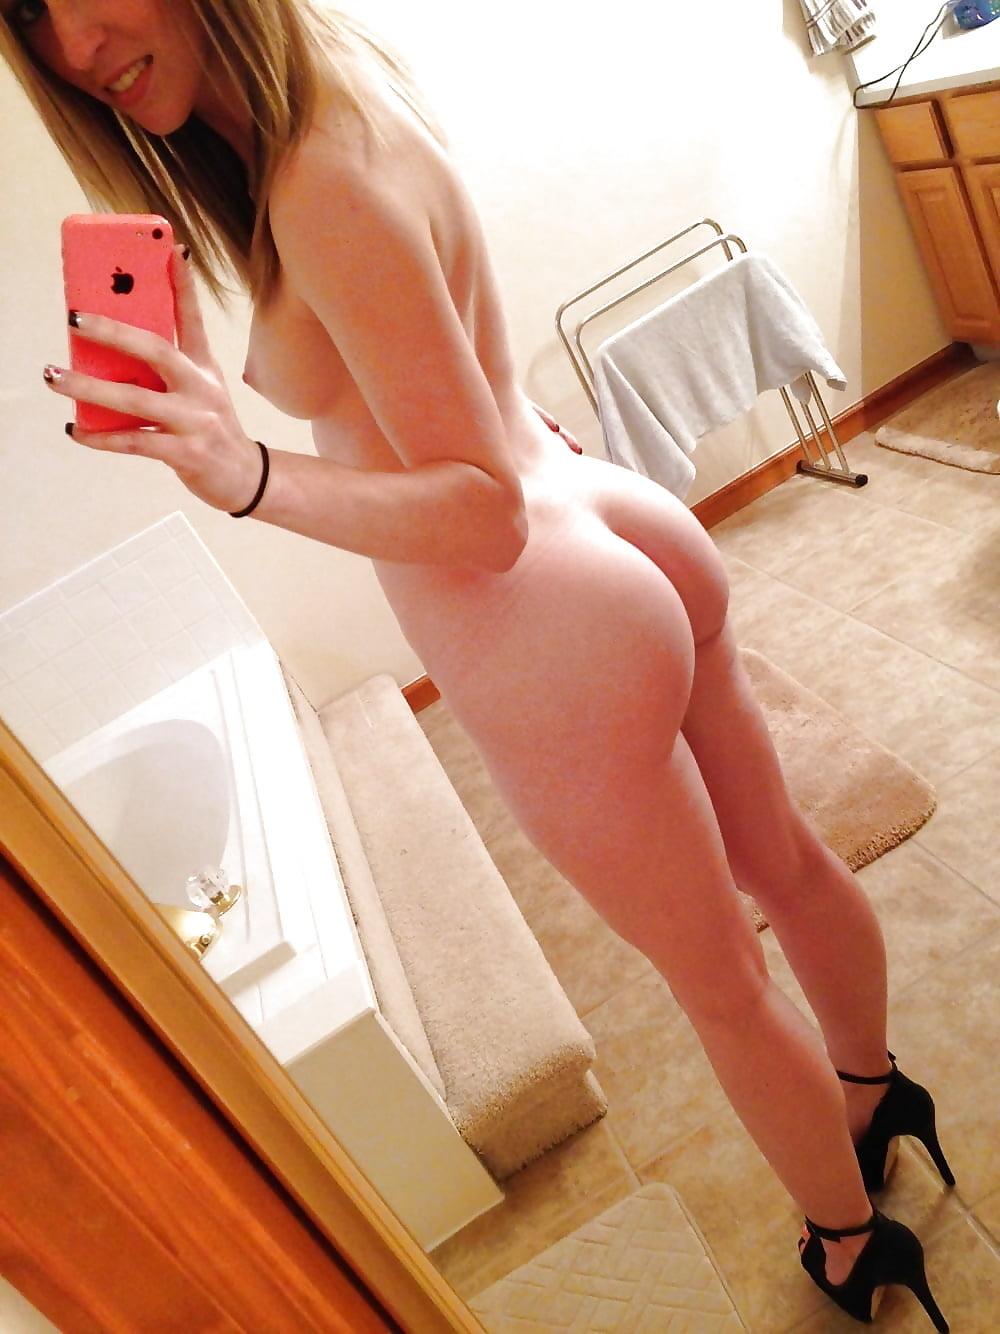 голая попка девушки с мобильного что передаются